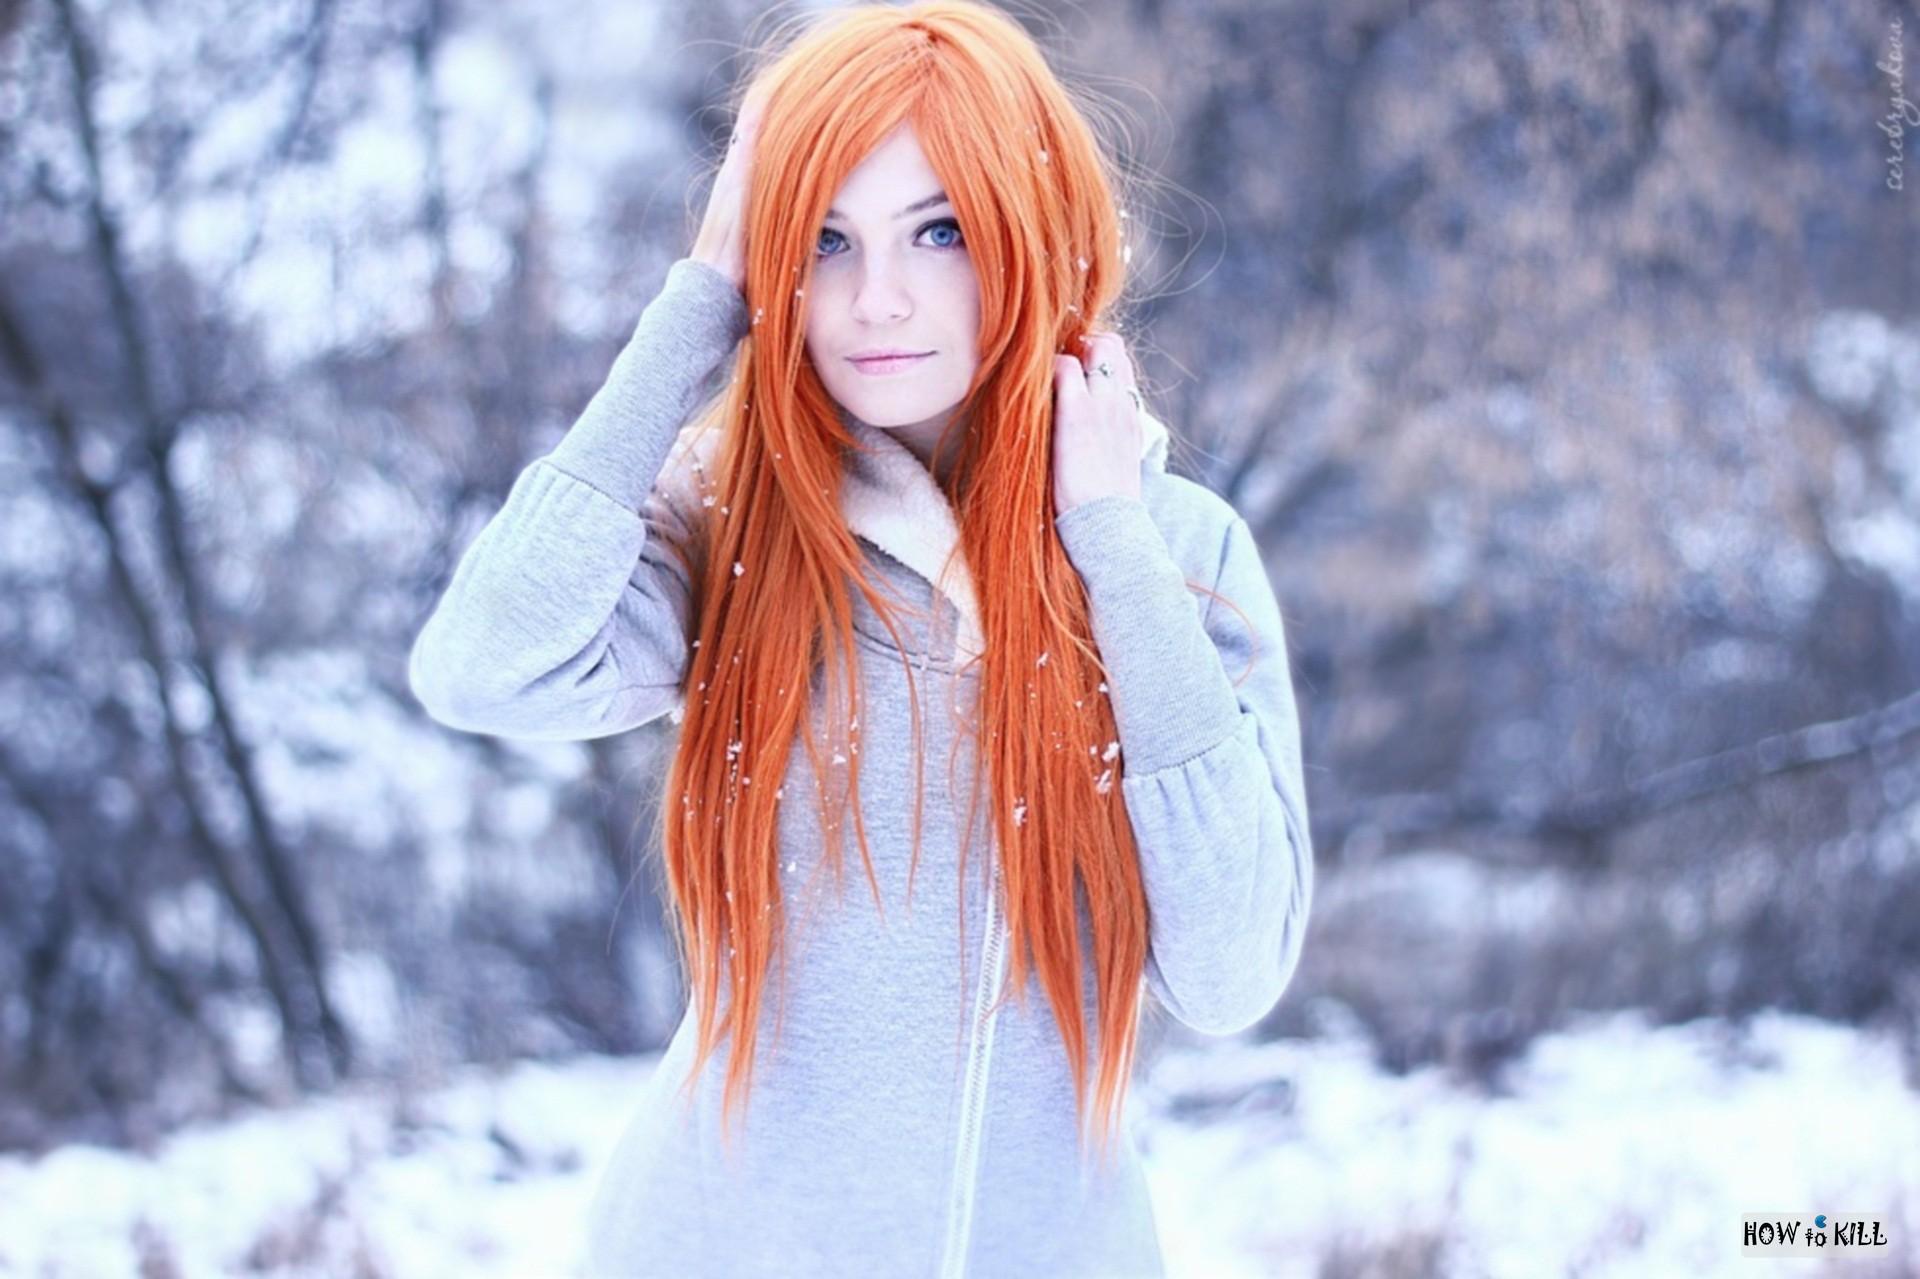 Пизде-в анале как красиво фото зимой девушек видео